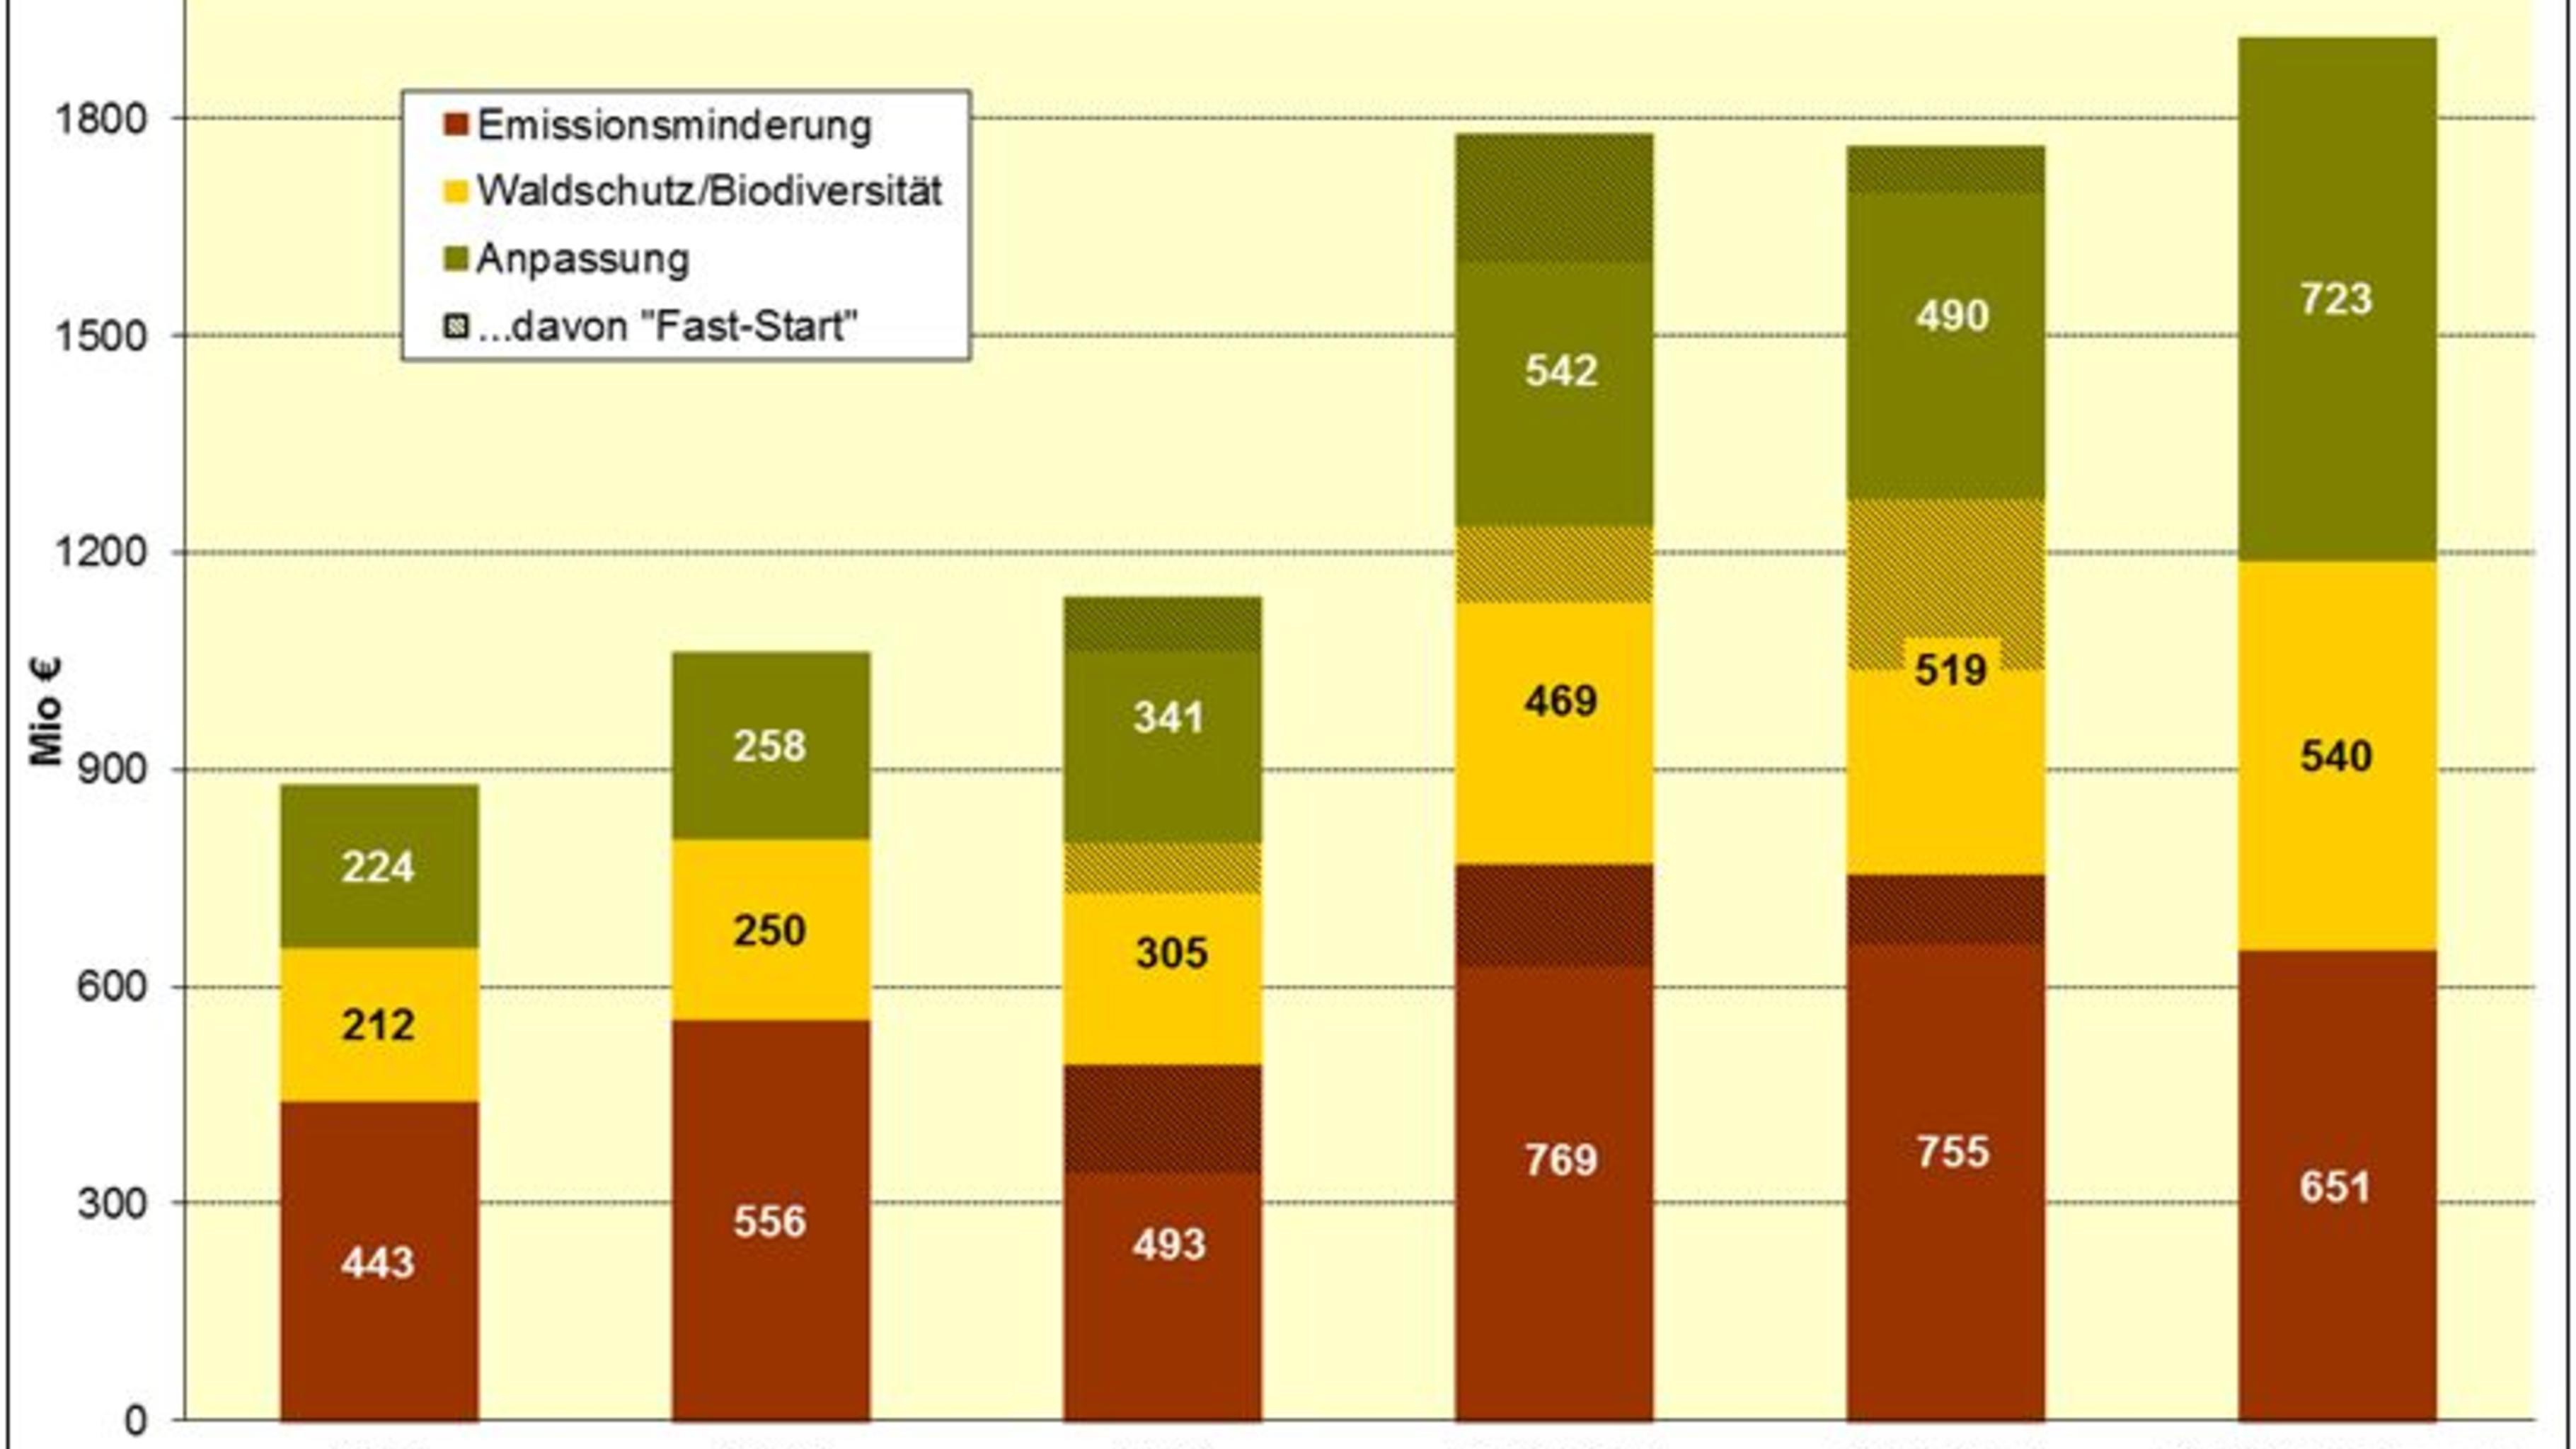 Deutsche Klimafinanzierung 2008-2013 nach Bereichen